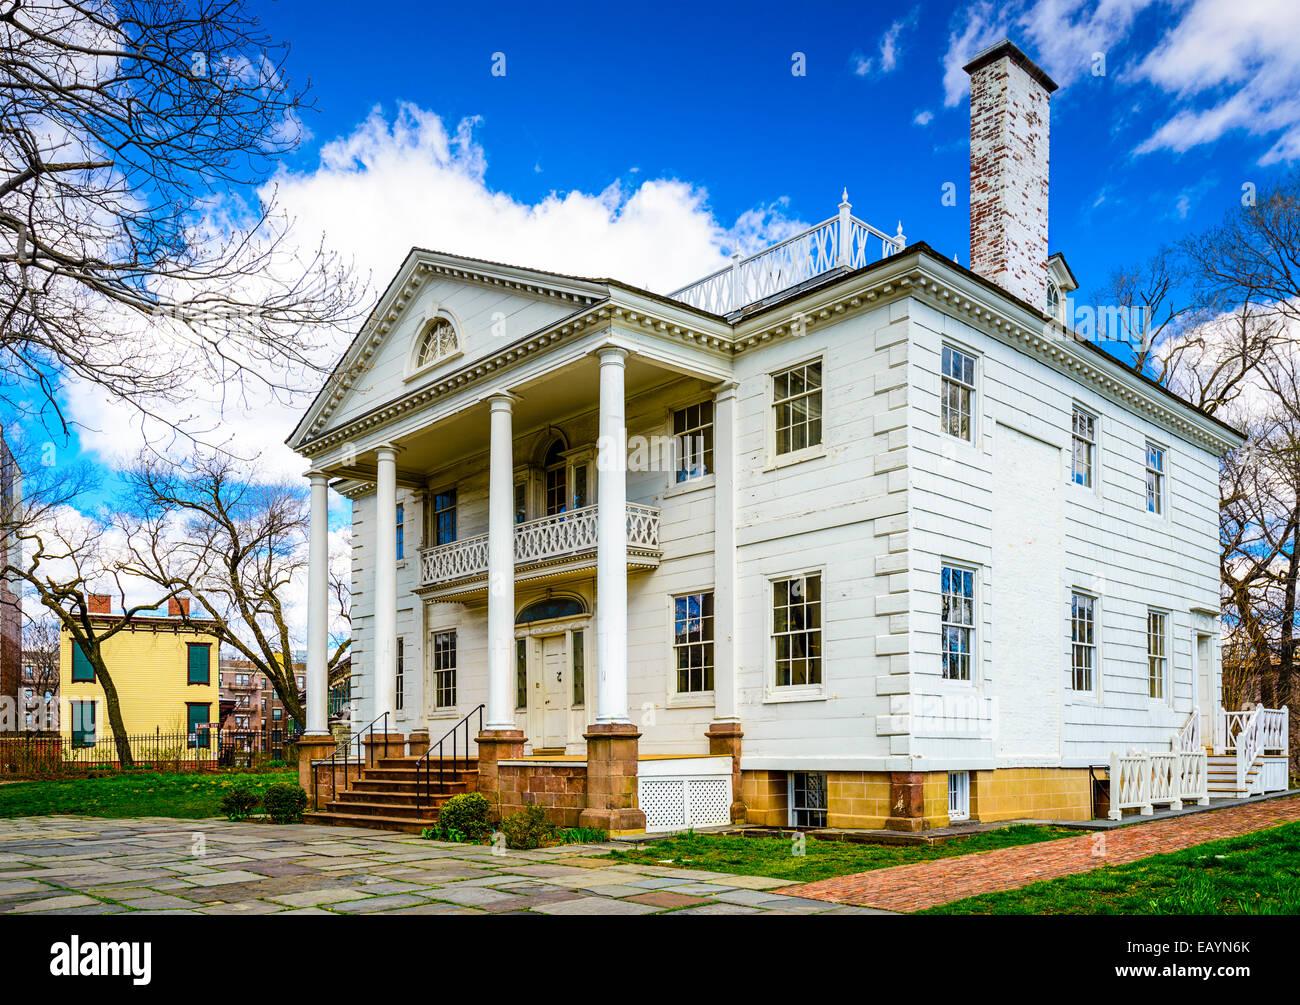 Die historische Morris-Jumel Mansion in Roger Morris Park, Washington Heights, New York, New York, USA. Stockbild